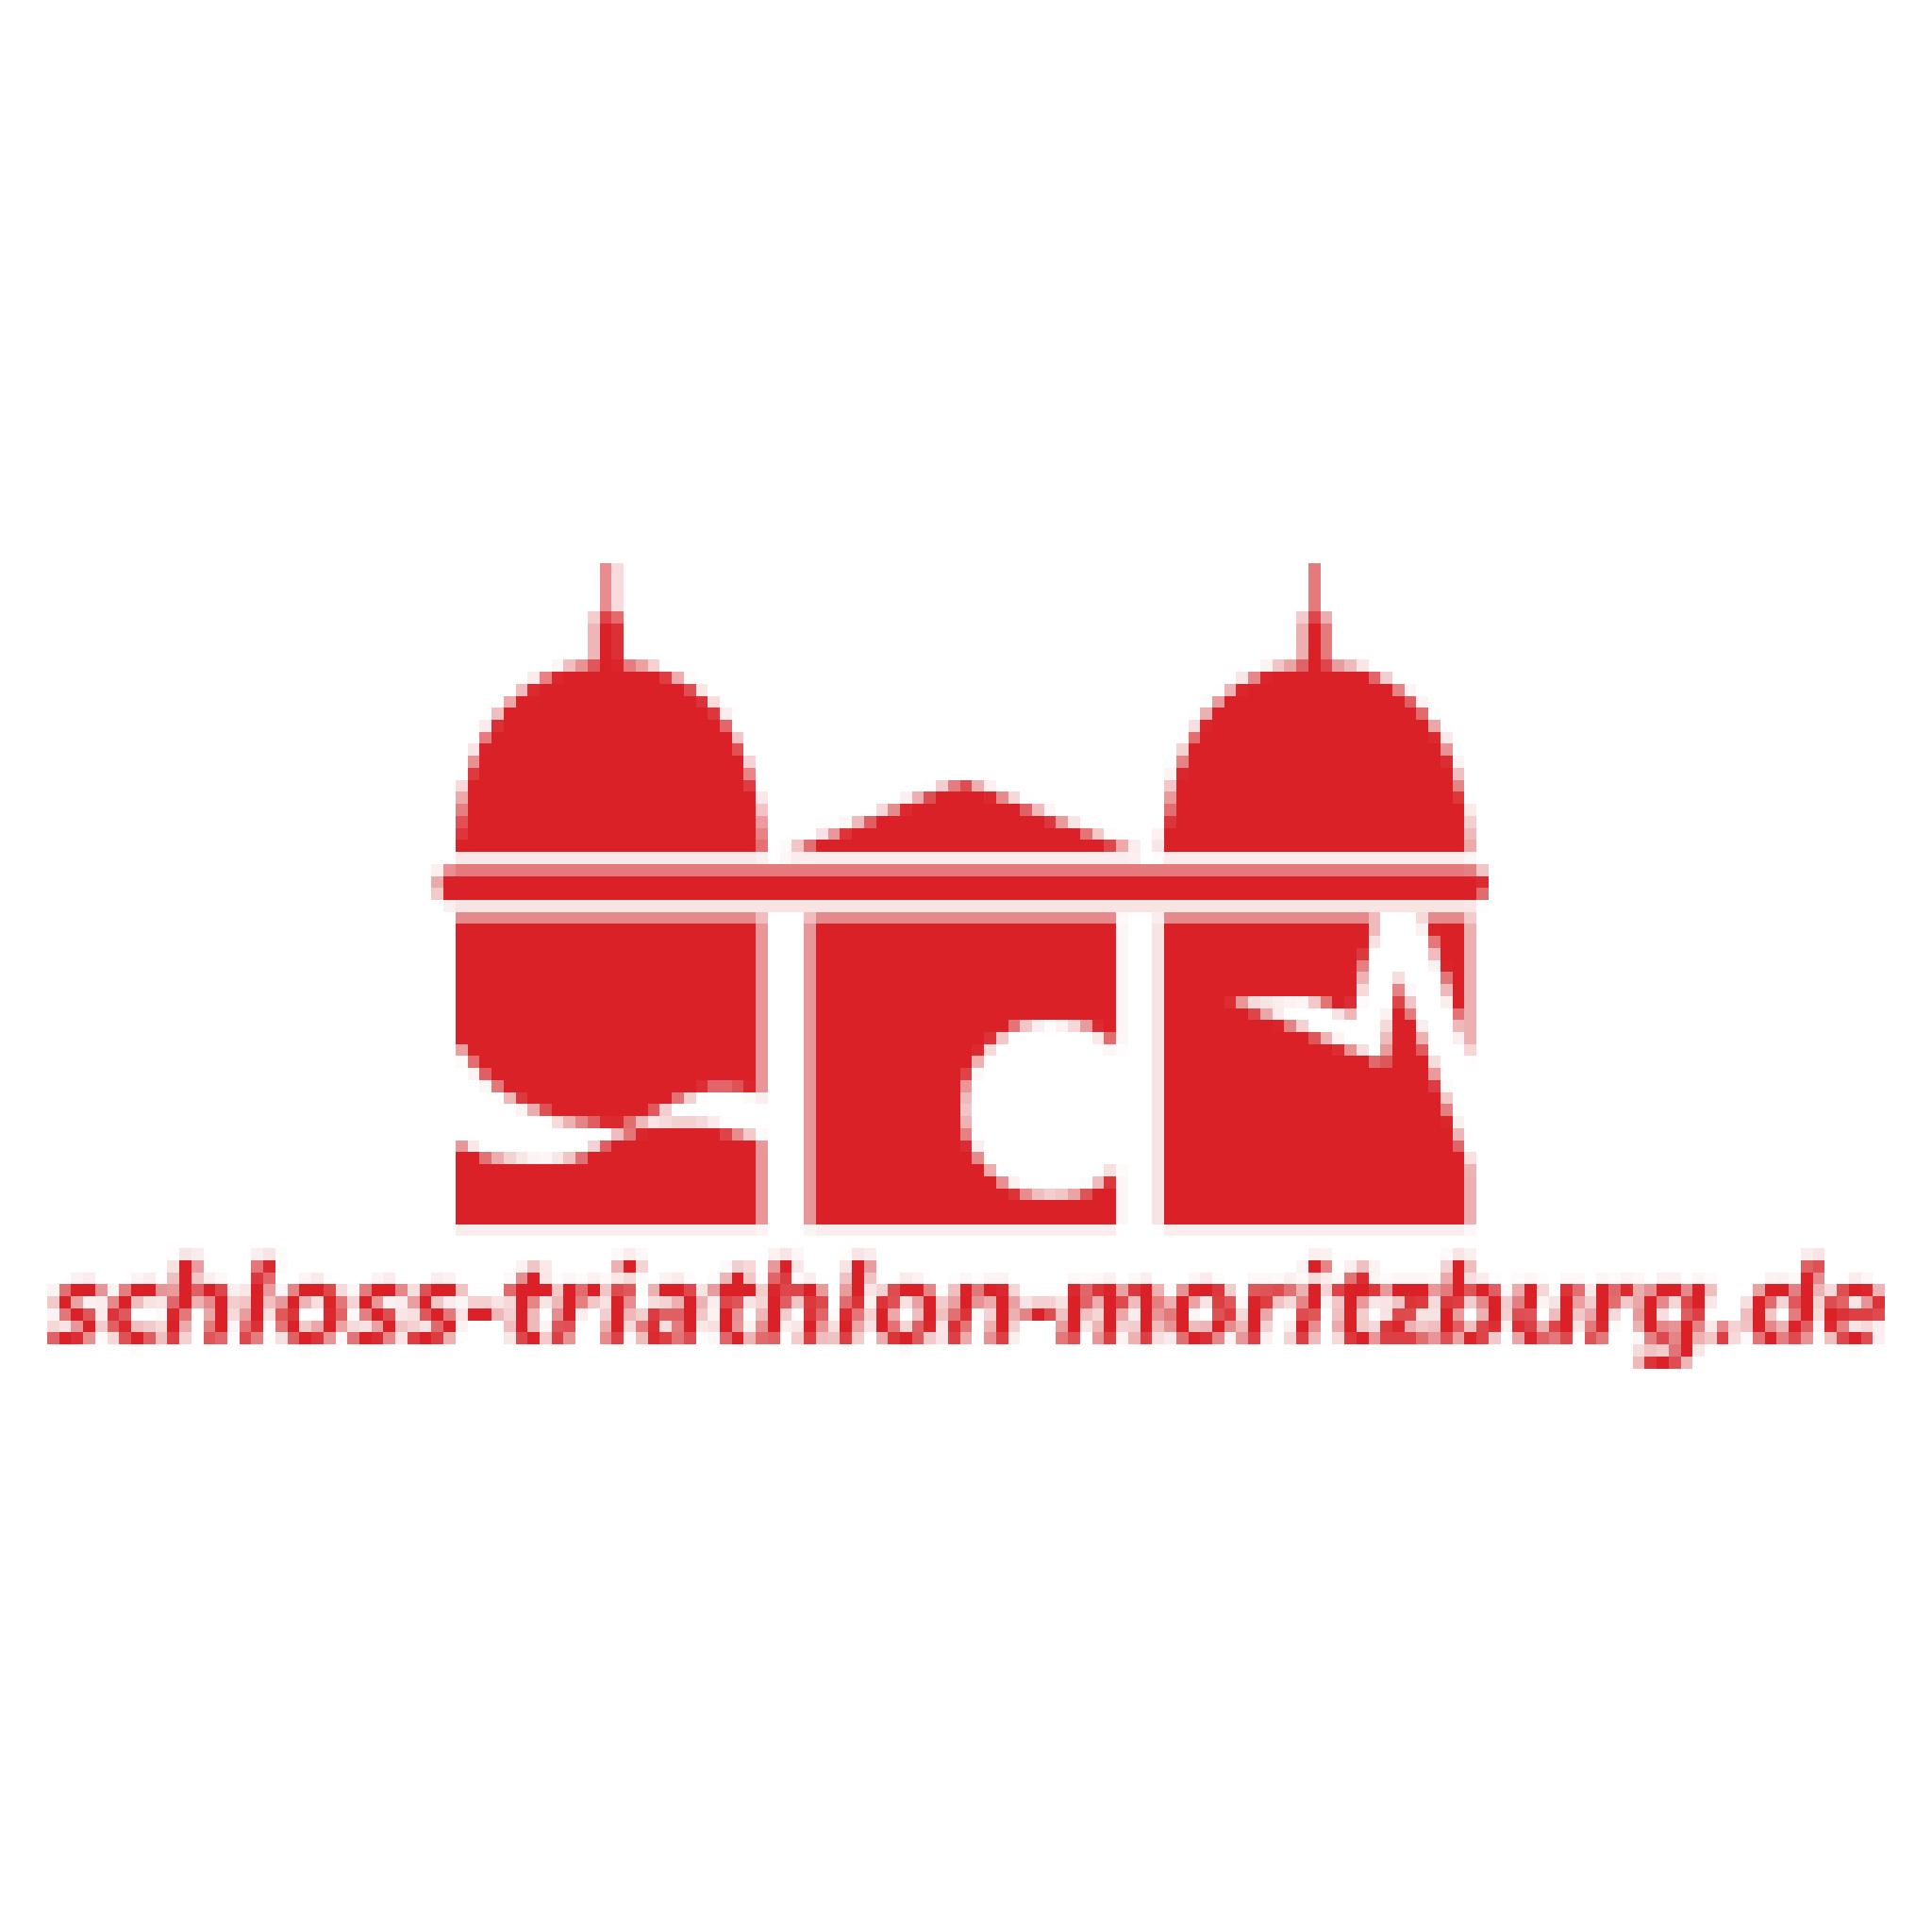 Schlosstriathlon Moritzburg